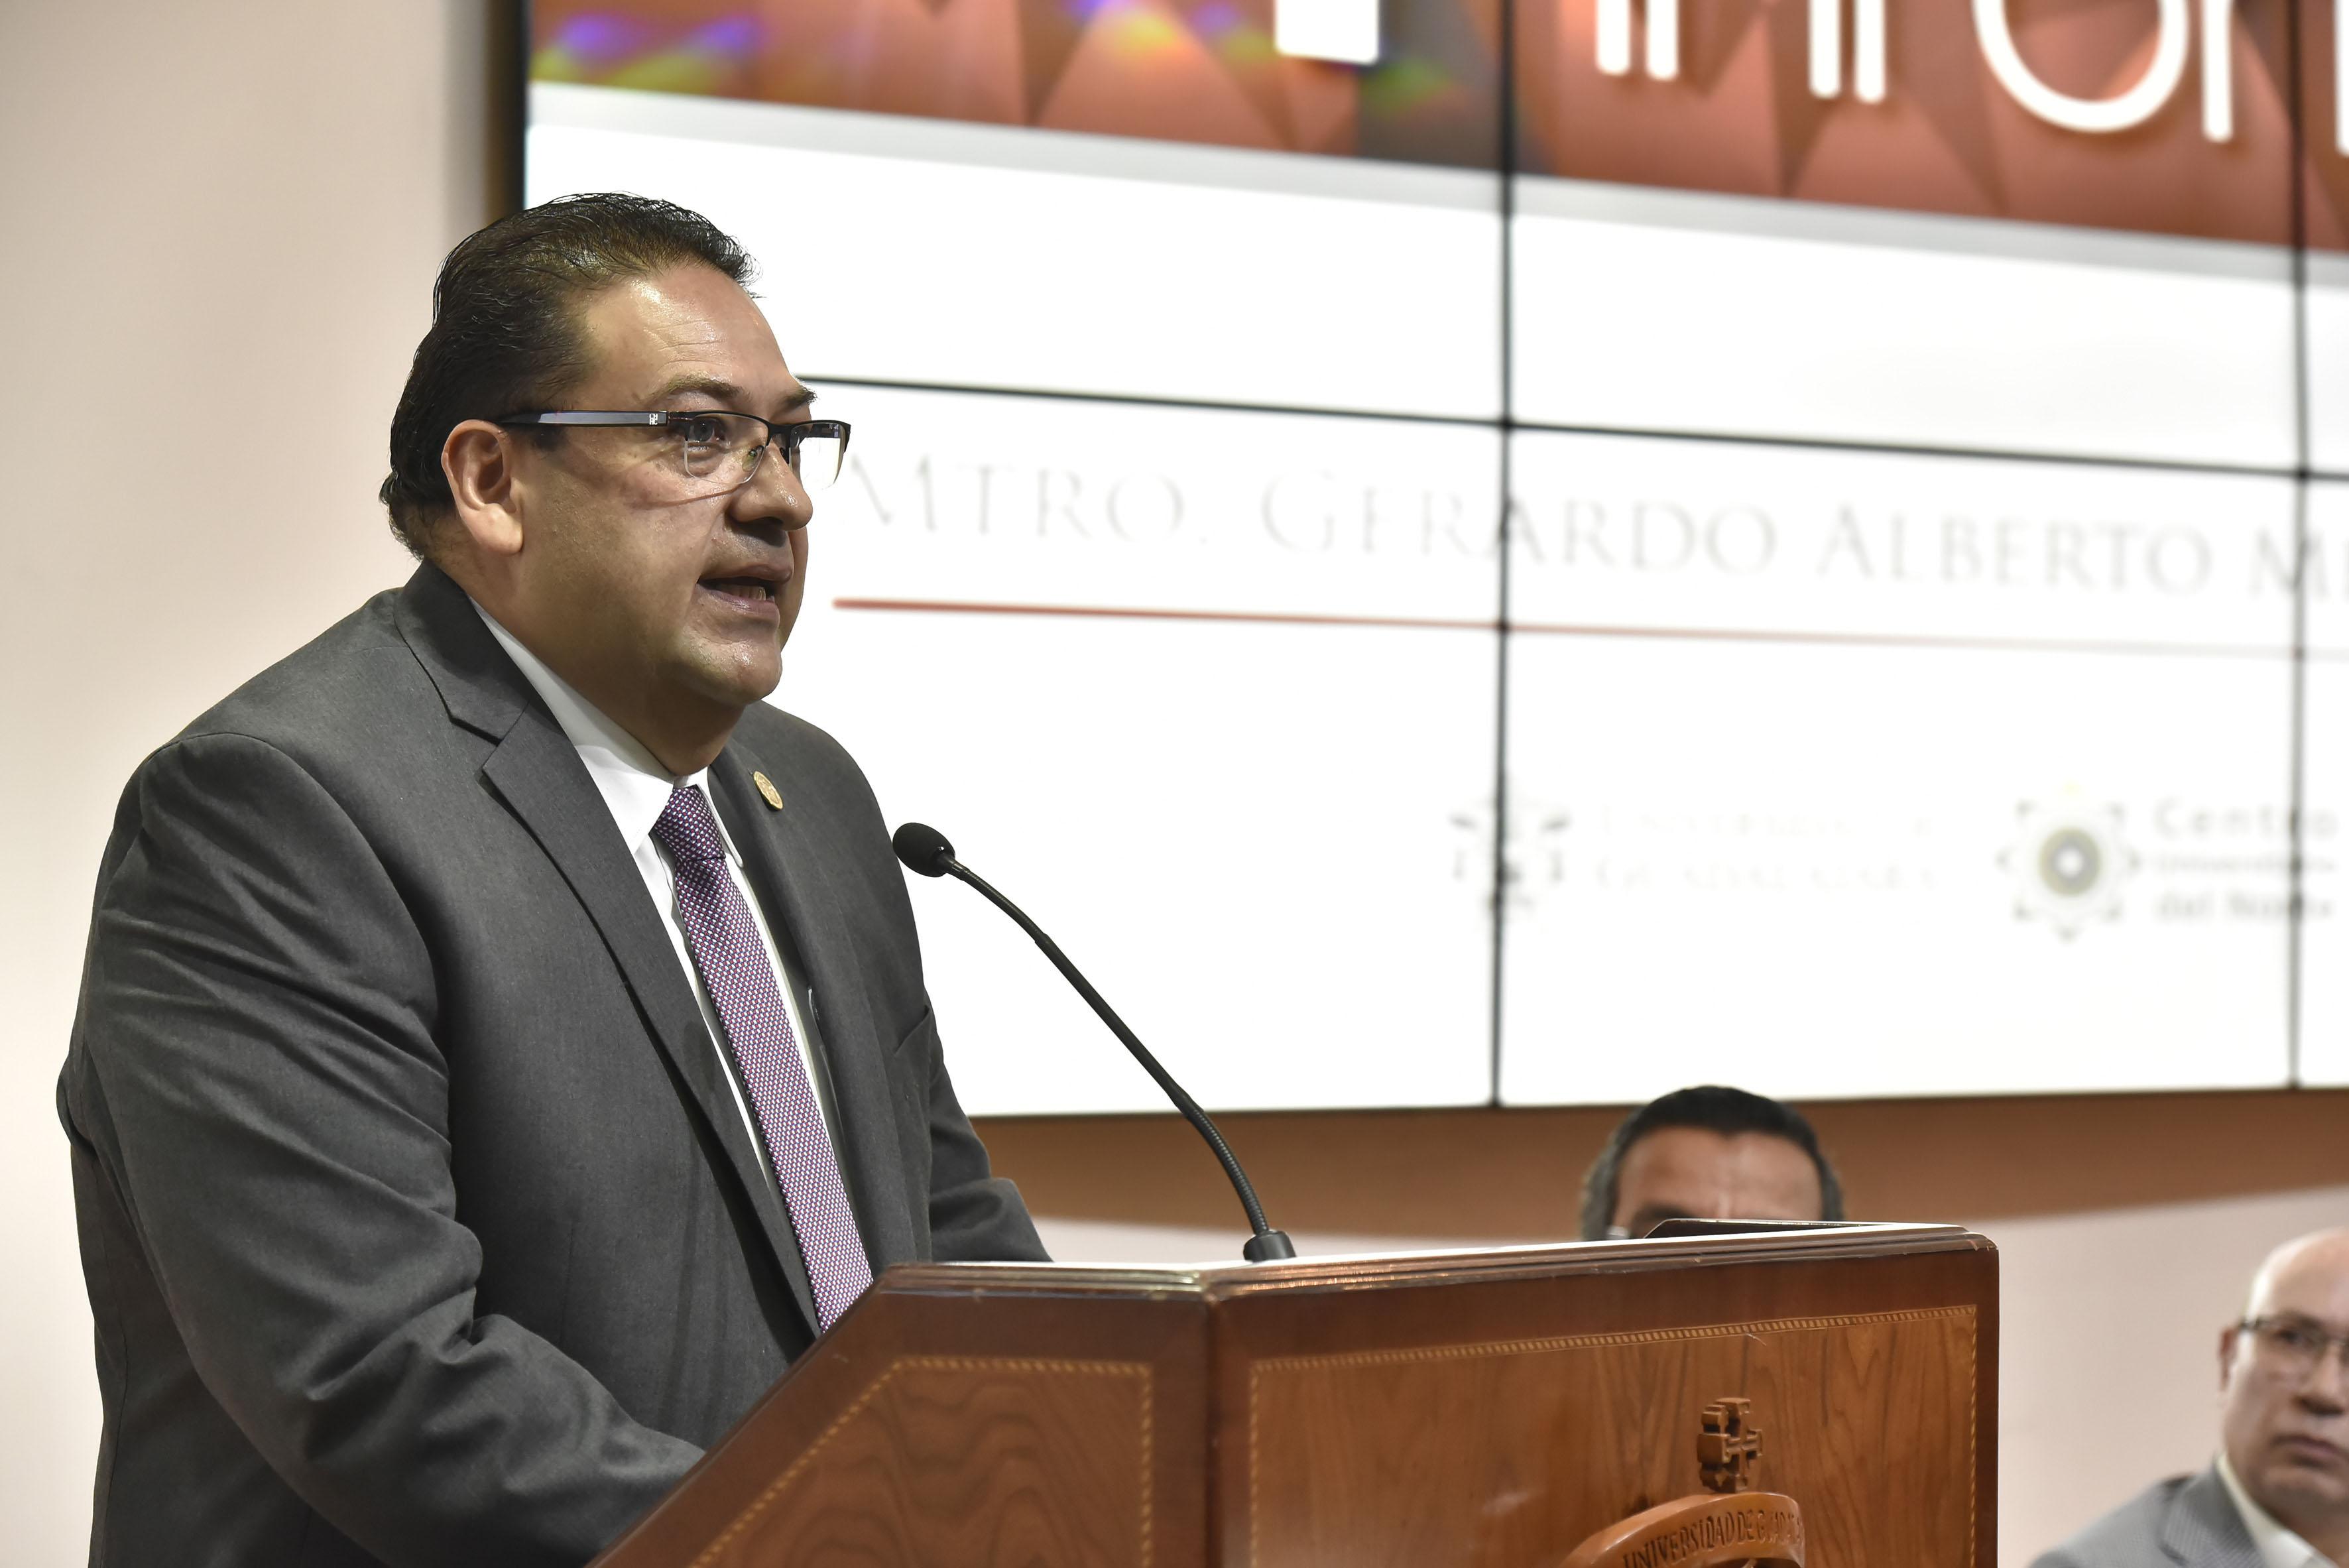 Maestro Gerardo Alberto Mejía Pérez, Rector del Centro Universitario del Norte (CUNorte), frente al micrófono.